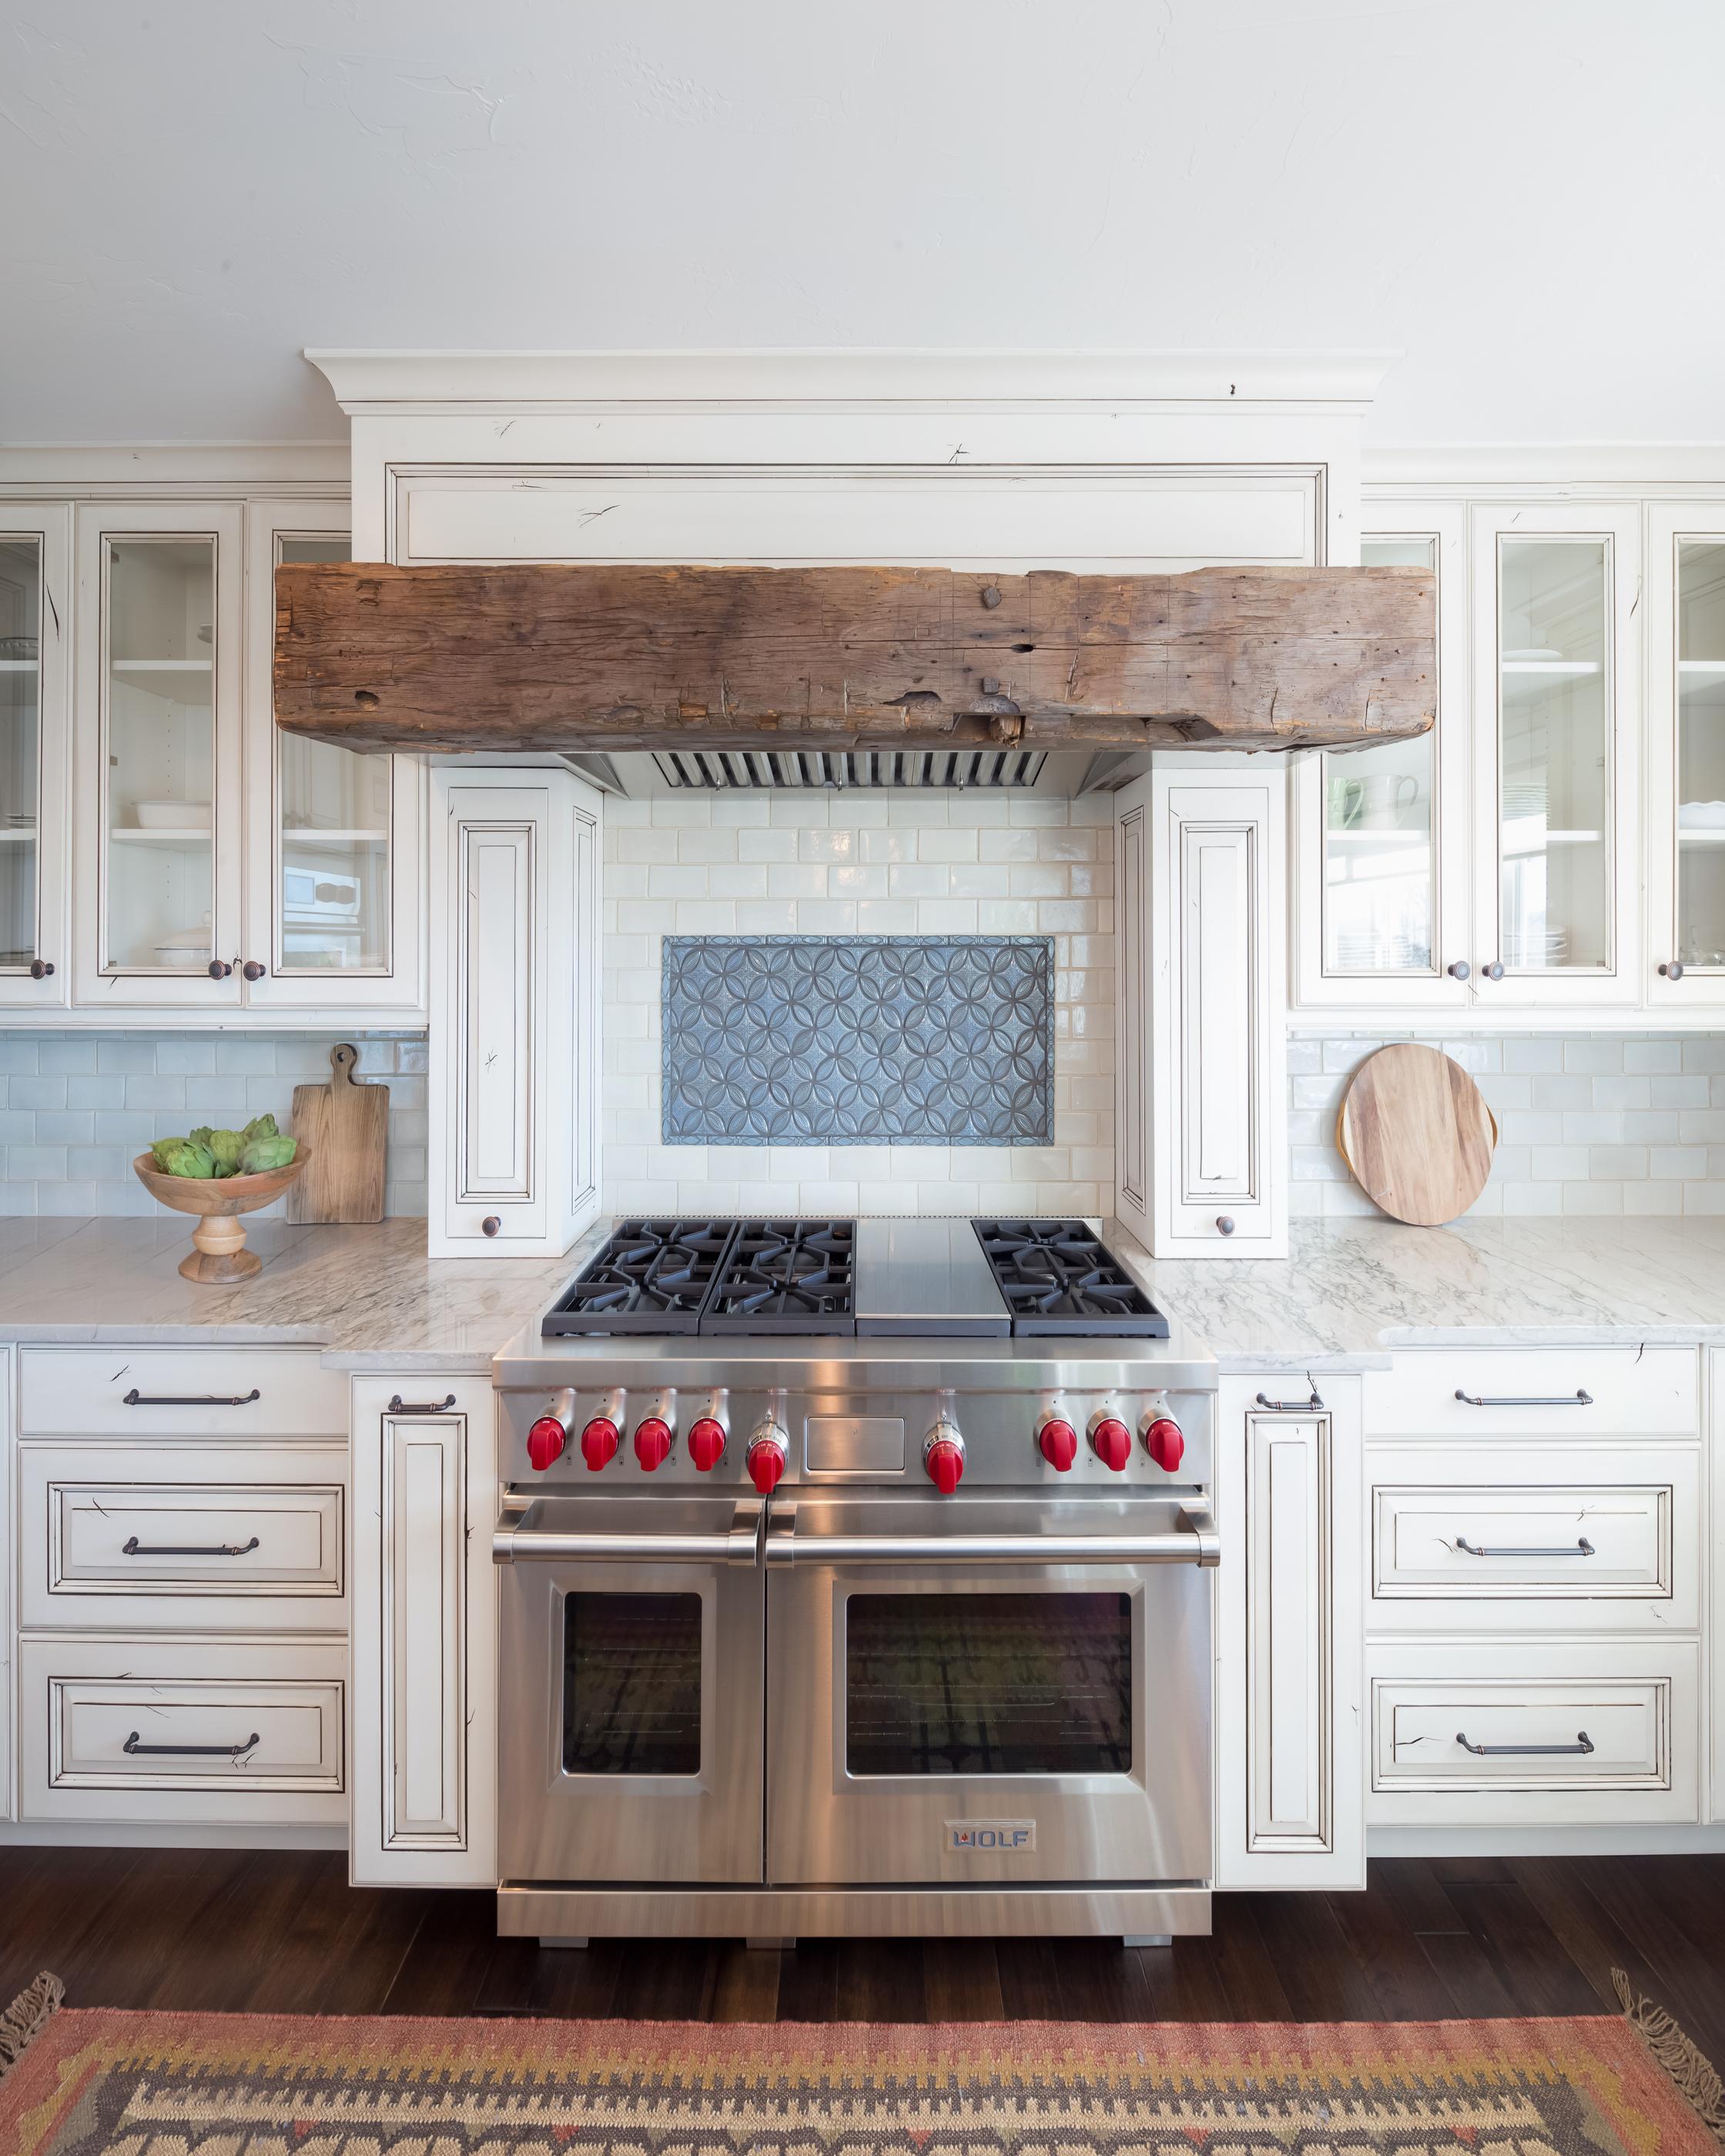 Rustic hood at stove.jpg